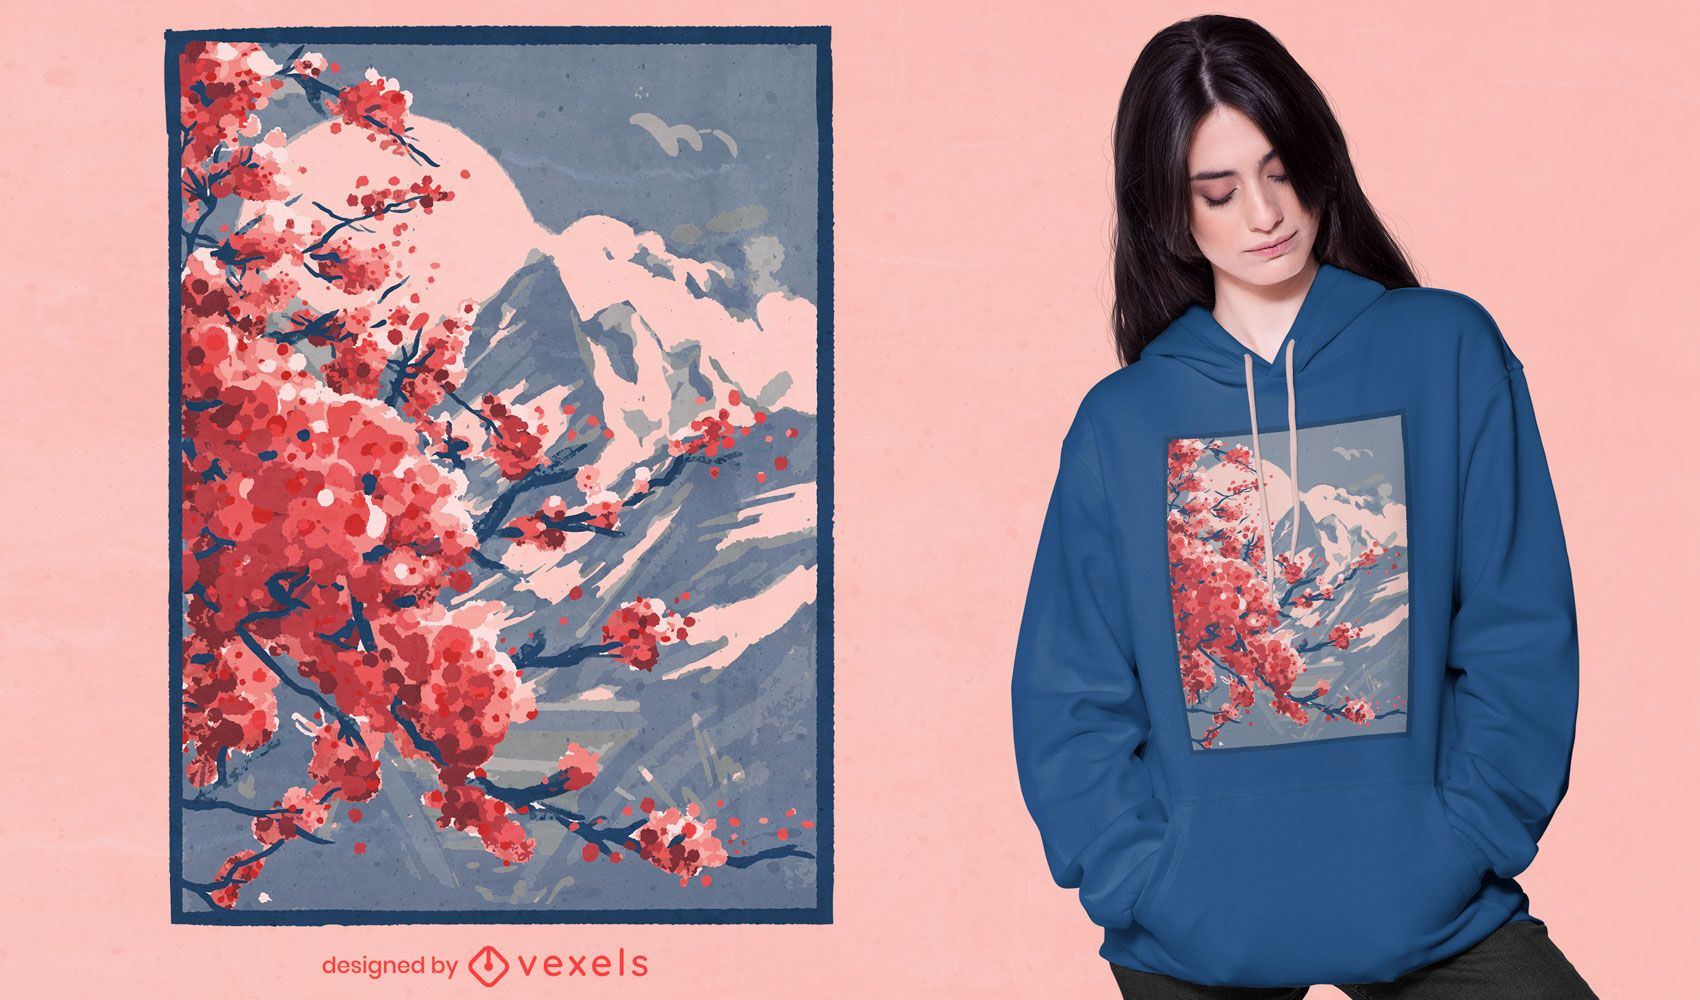 Diseño de camiseta de montaña de flores de cerezo.